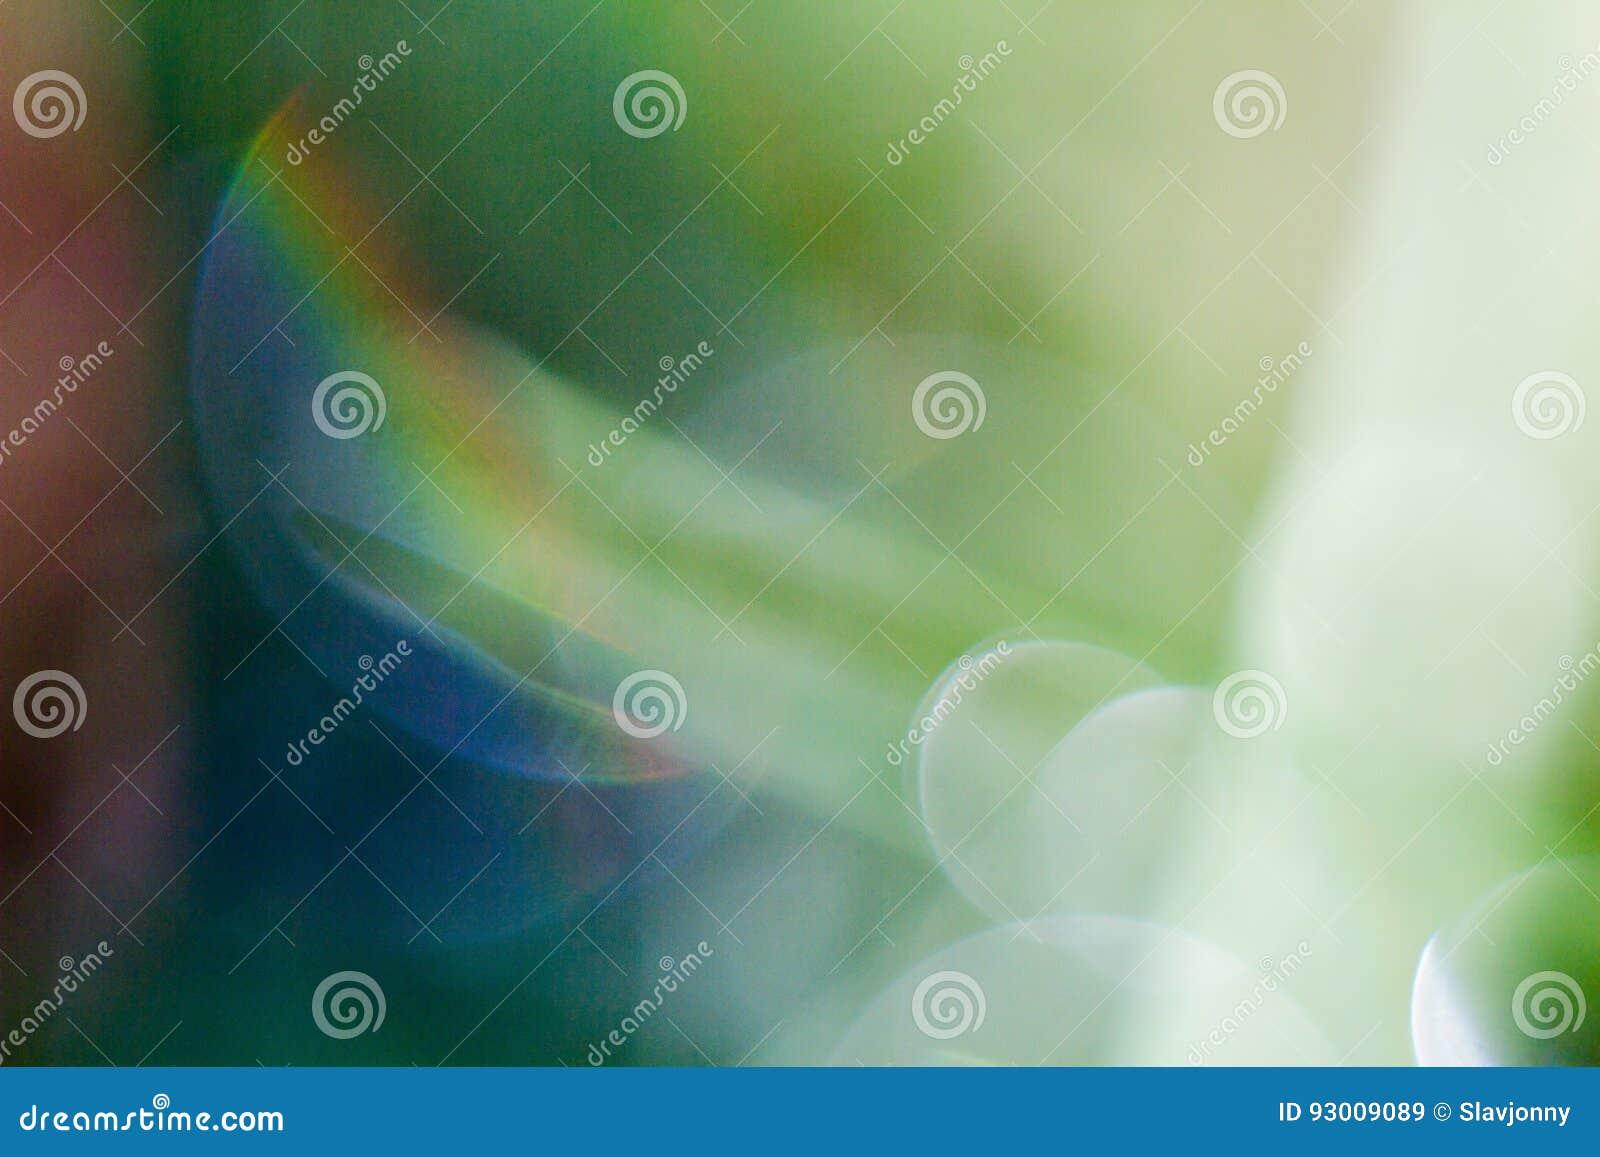 Fundo verde com pontos brilhantes blurry